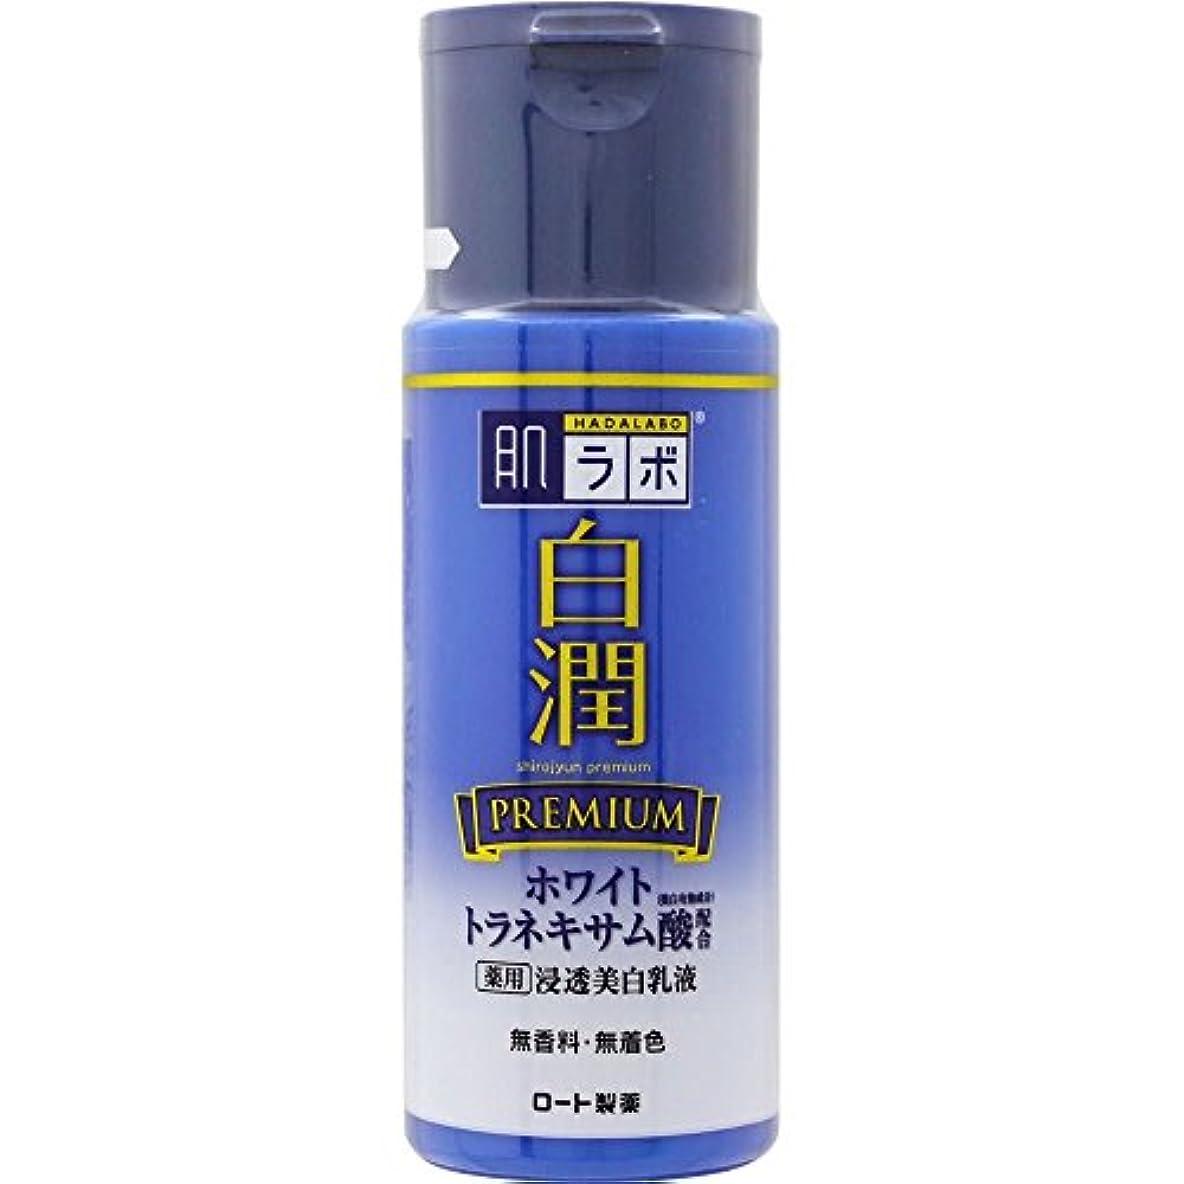 実り多い通訳ボイコット肌ラボ 白潤プレミアム 薬用浸透美白乳液 140mL (医薬部外品)